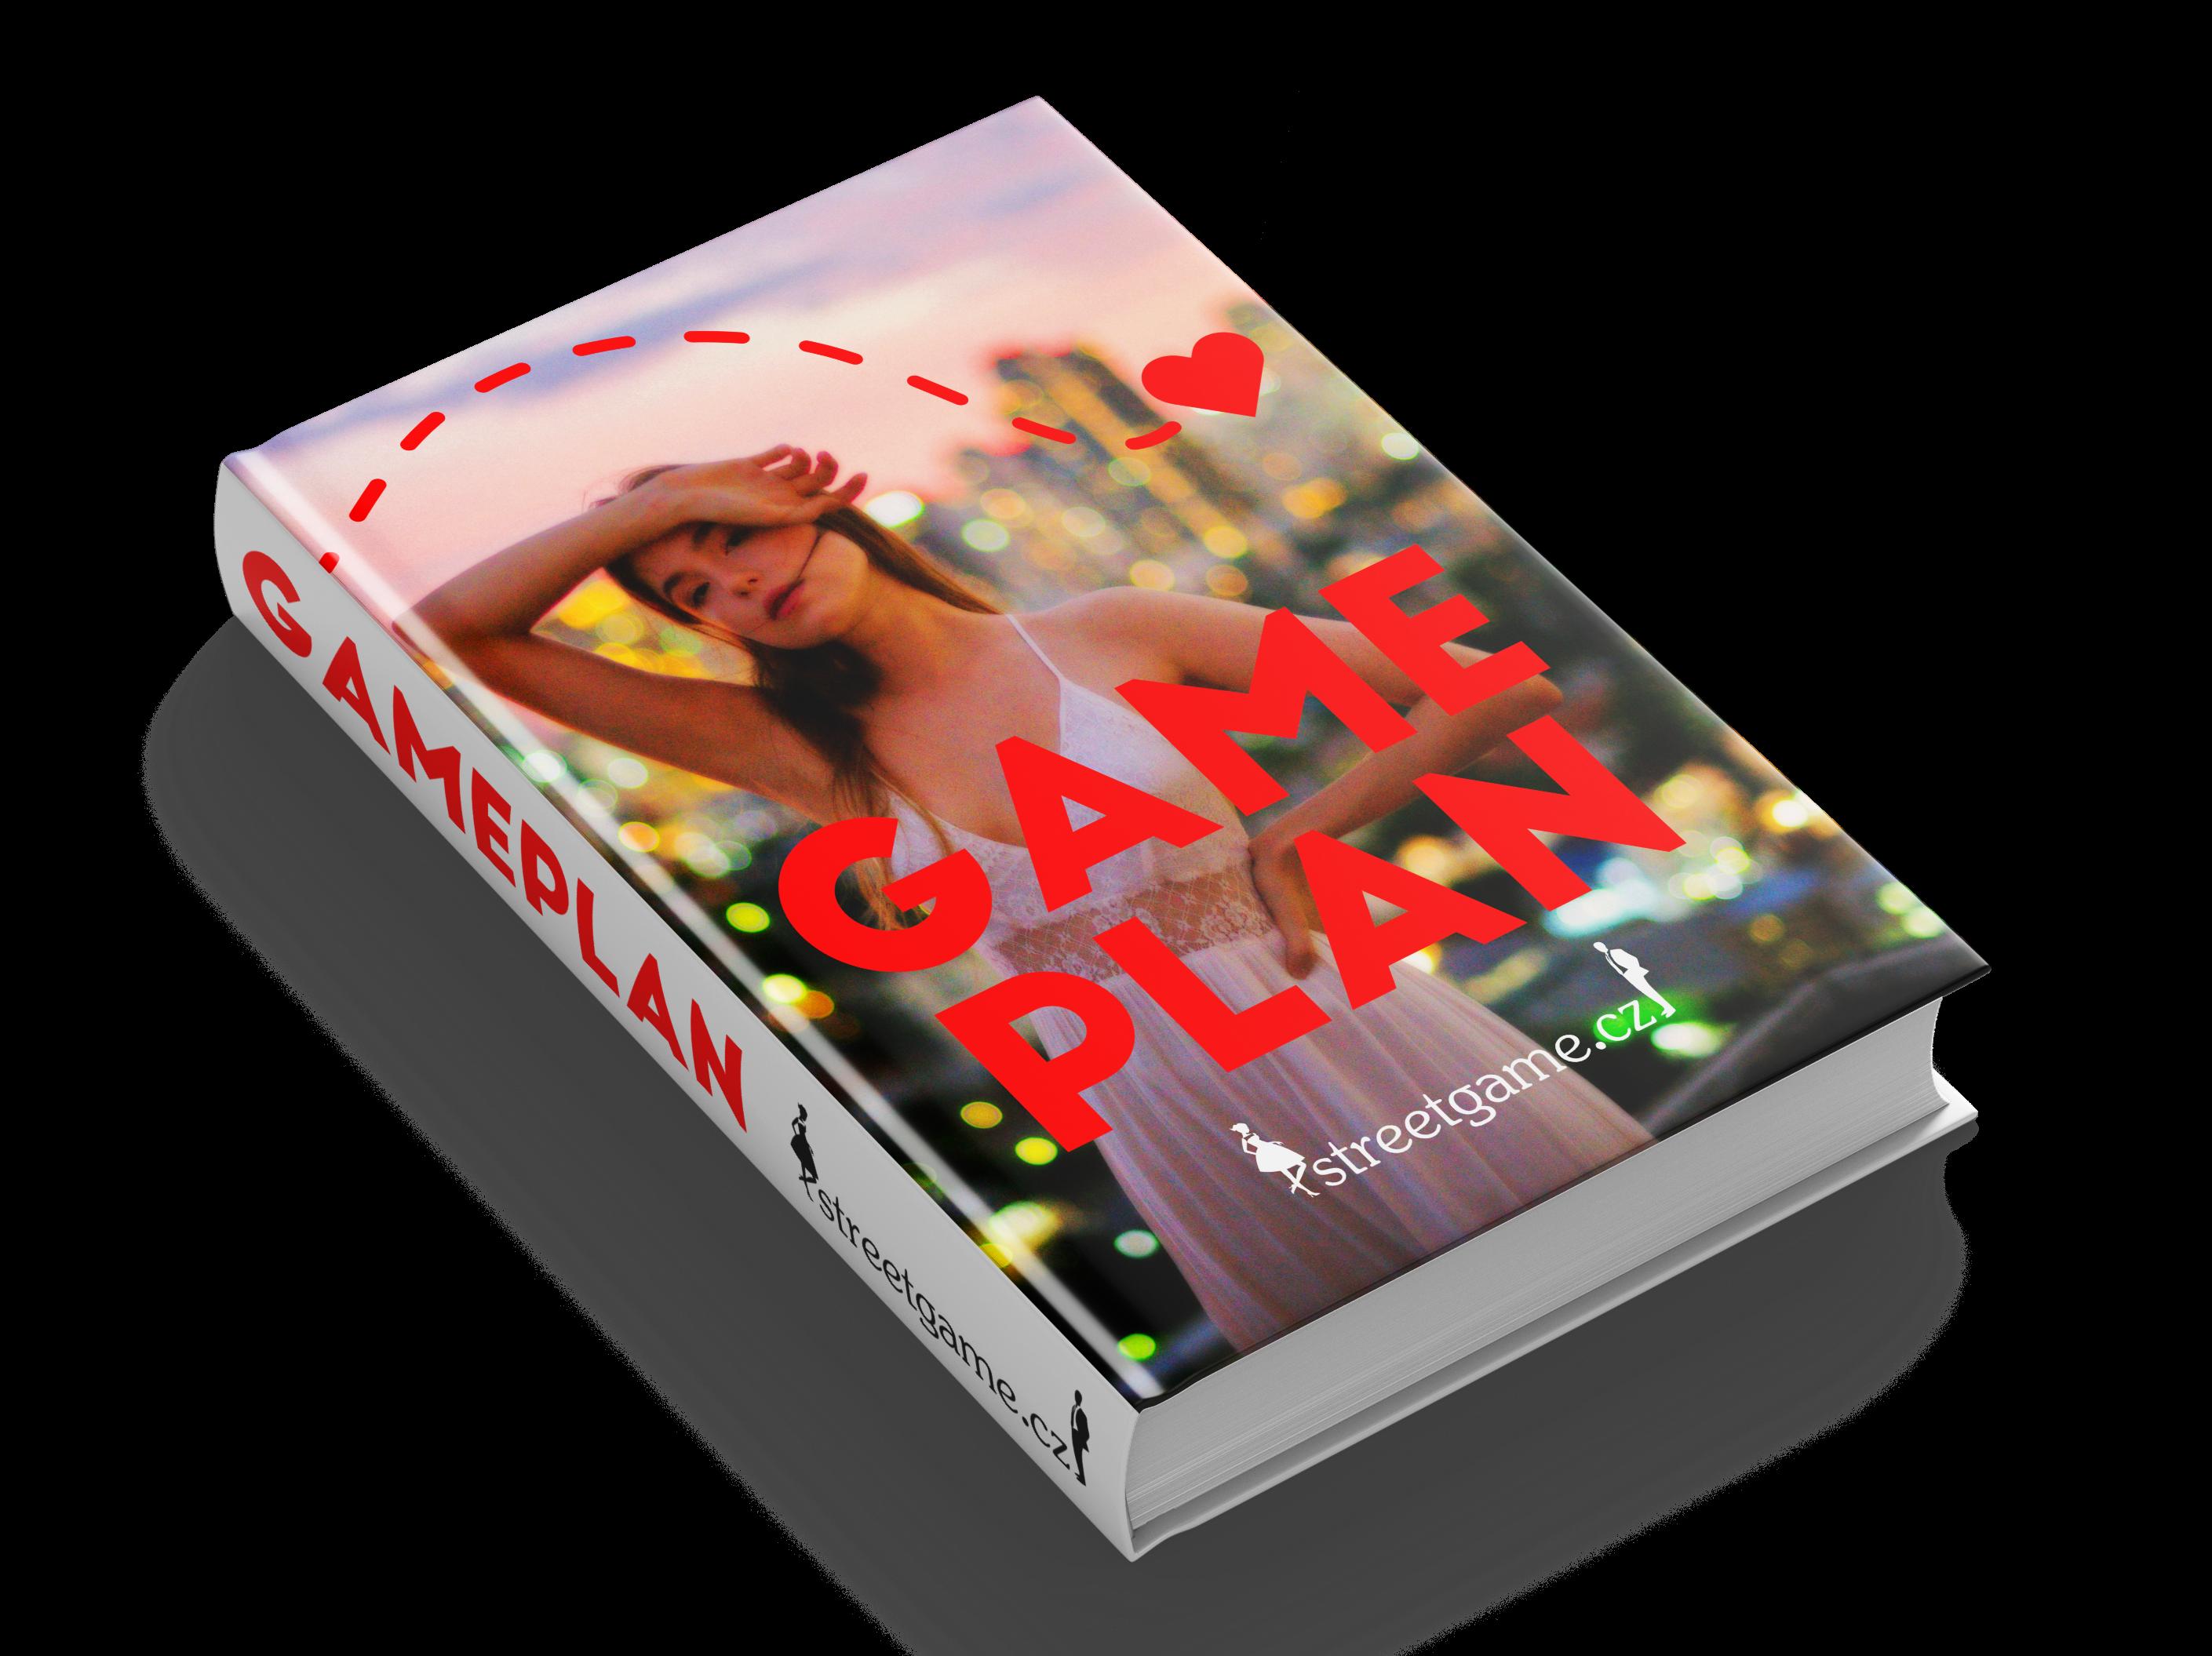 GamePlan - od seznámení až k vám domů